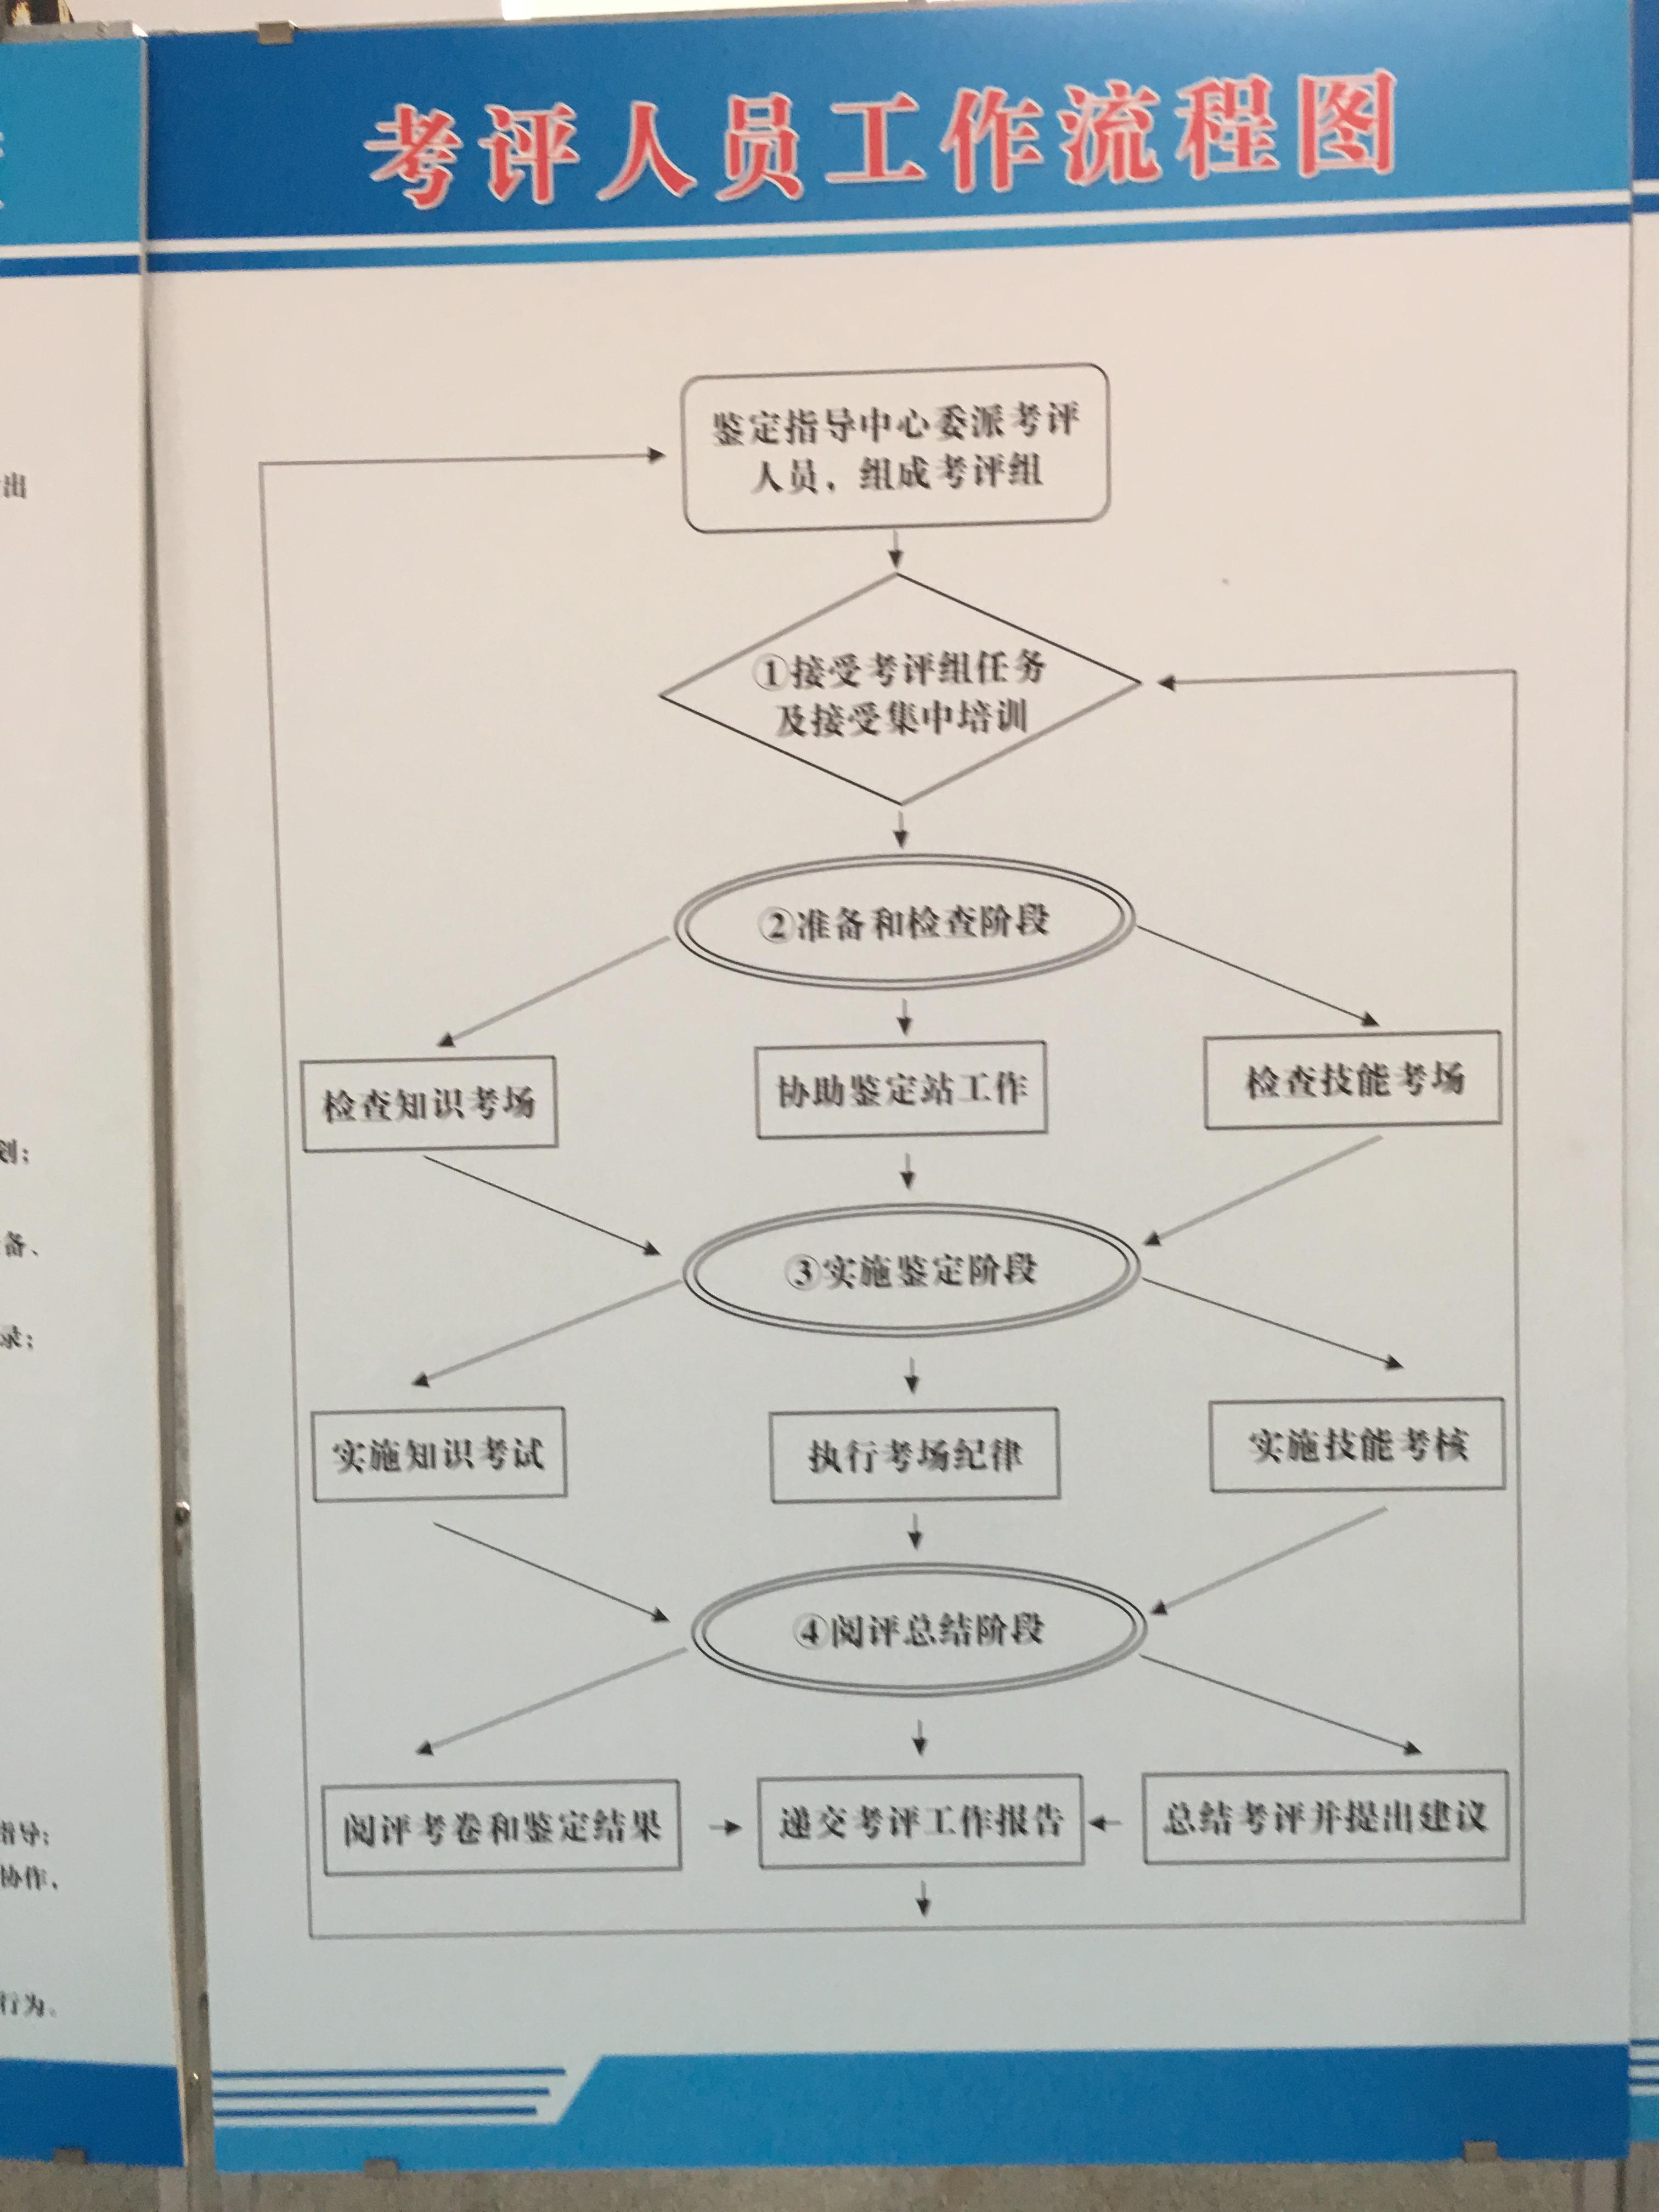 新建文件夹IMG_0227.JPG